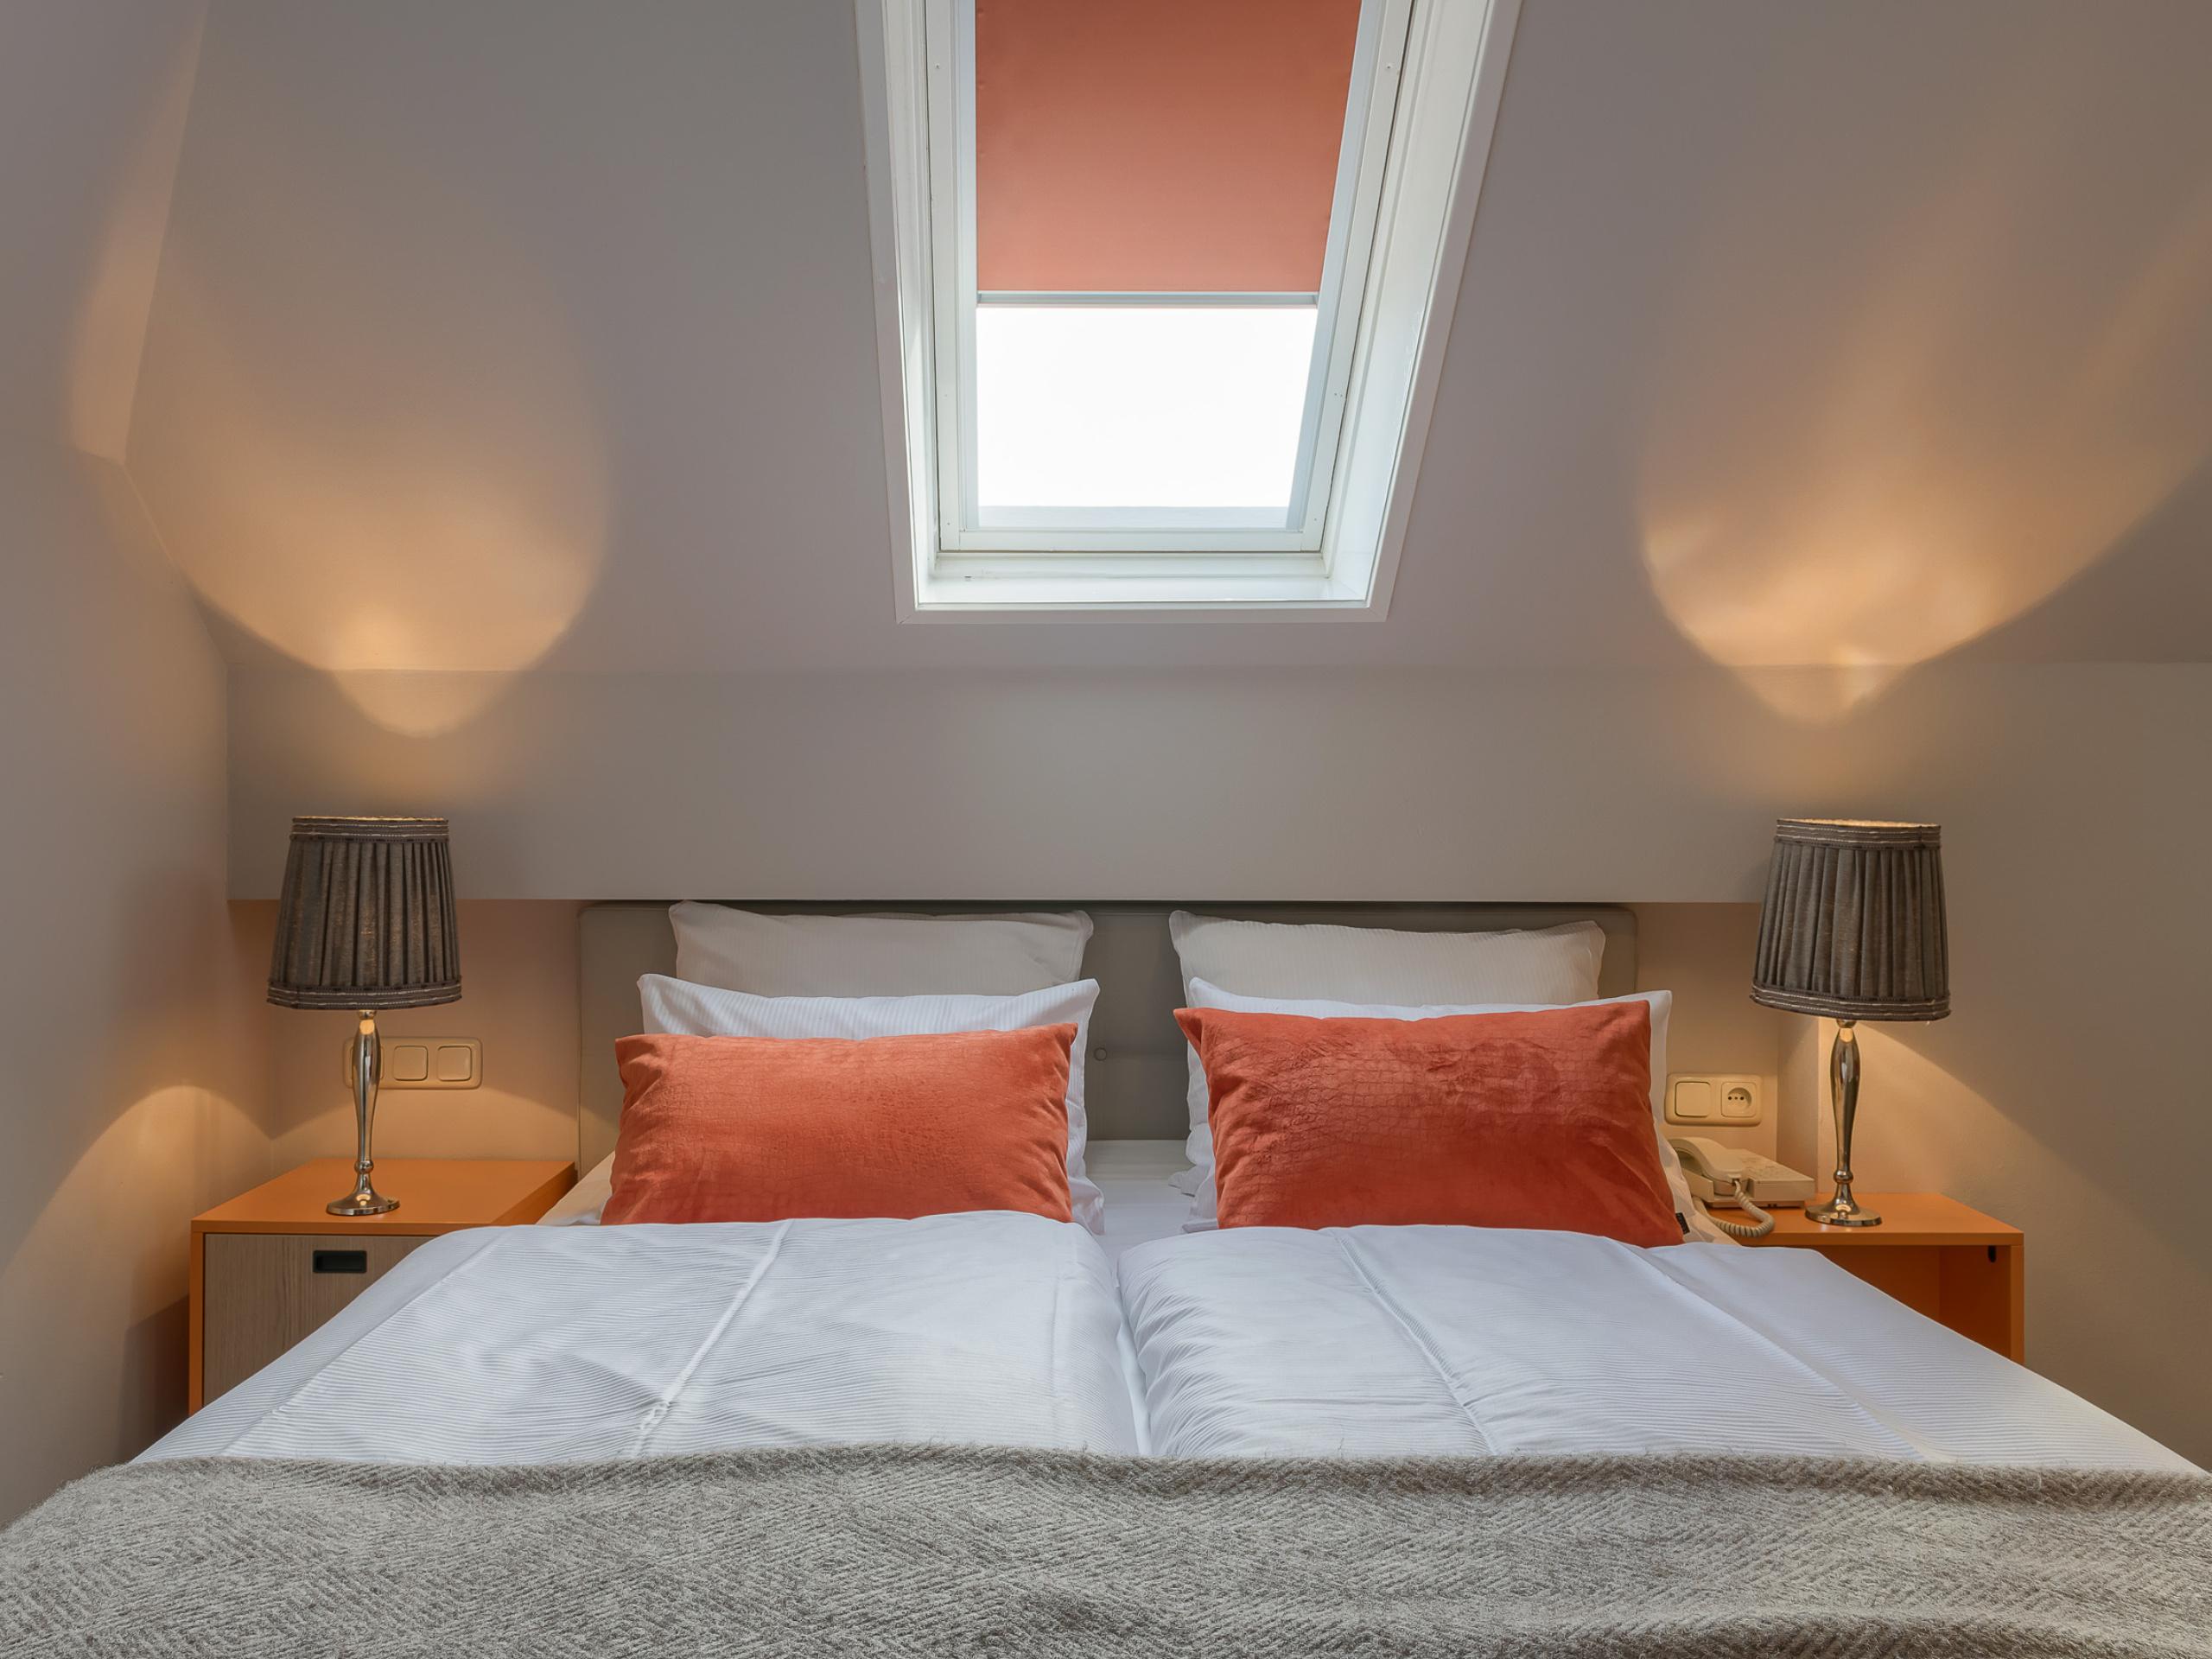 Attraktives Hotelzimmer in Den Hoorn, in dem Sie sich sofort wie zu Hause fühlen